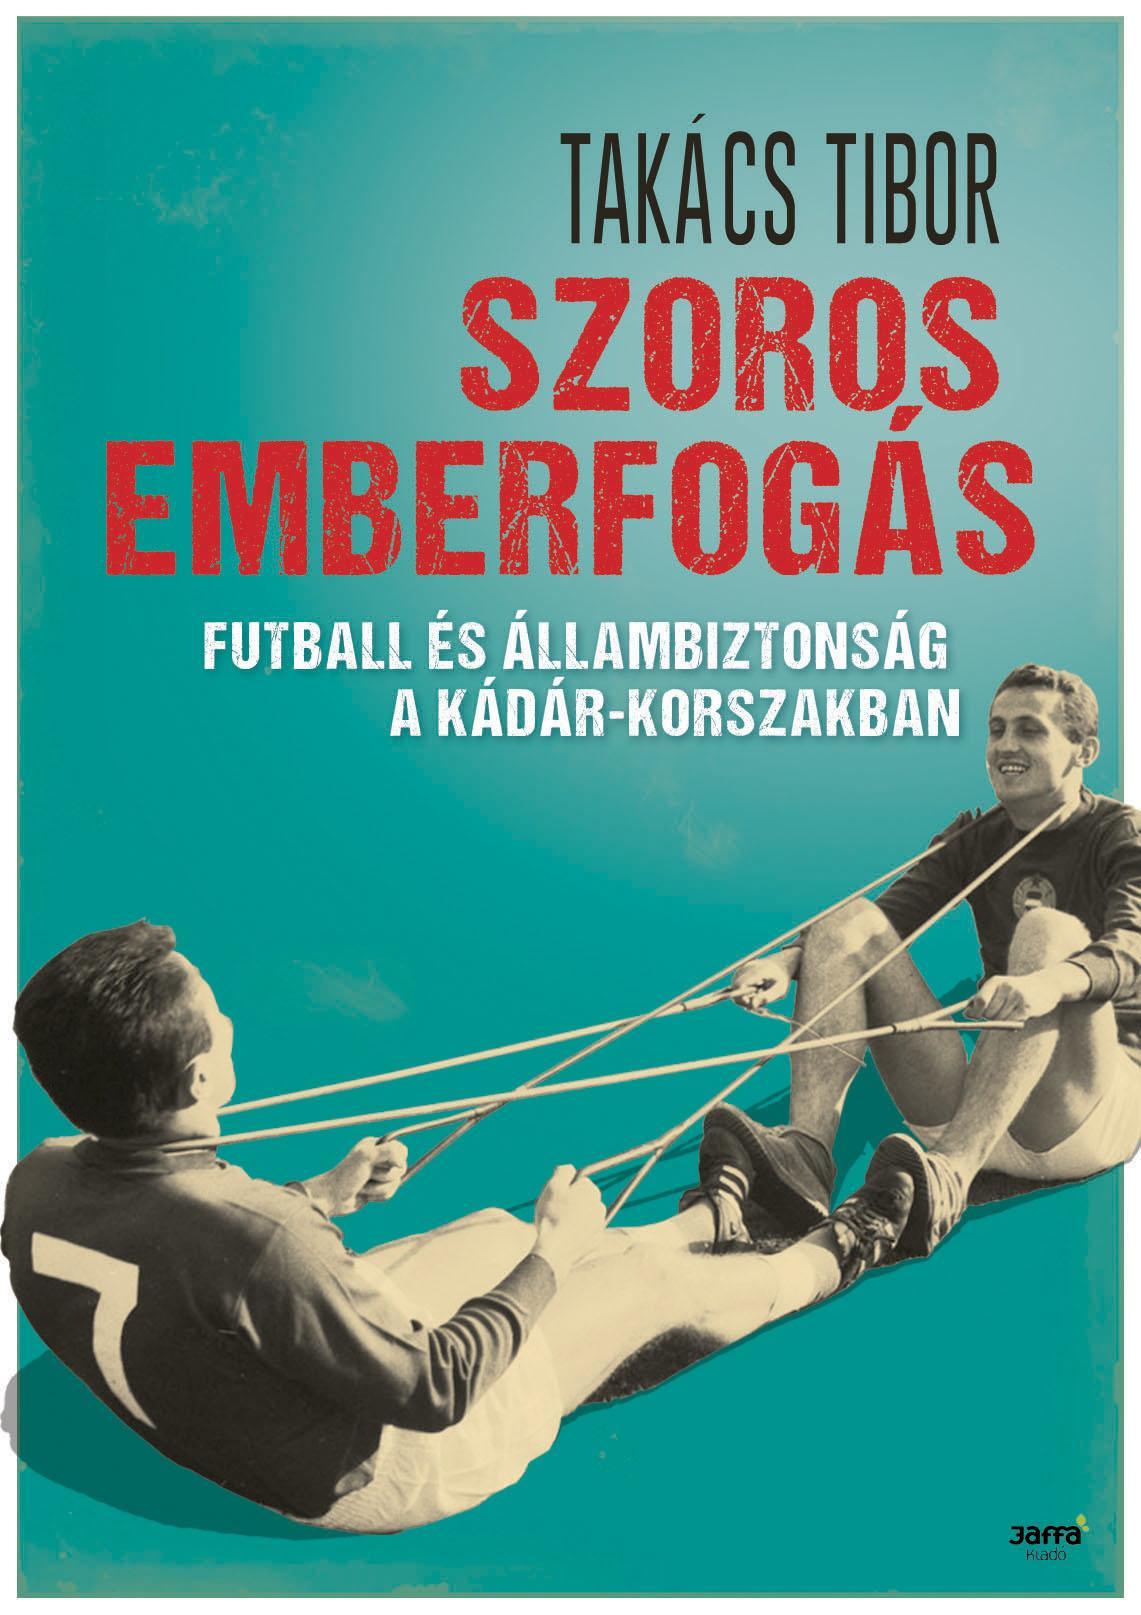 SZOROS EMBERFOGÁS - FUTBALL ÉS ÁLLAMBIZTONSÁG A KÁDÁR-KORSZAKBAN